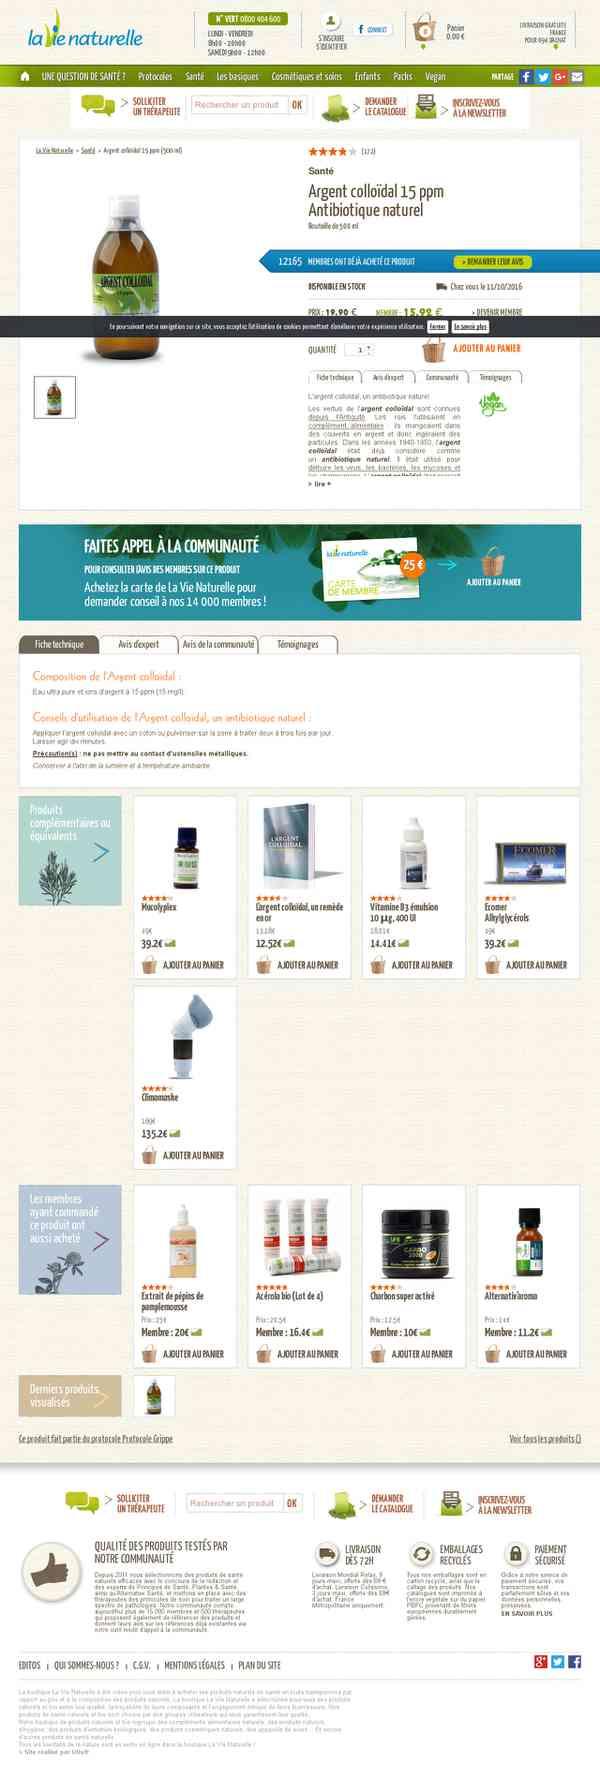 la-vie-naturelle.com/2/argent-colloidal-15-ppm_1/site_partenaire:884b07bbad